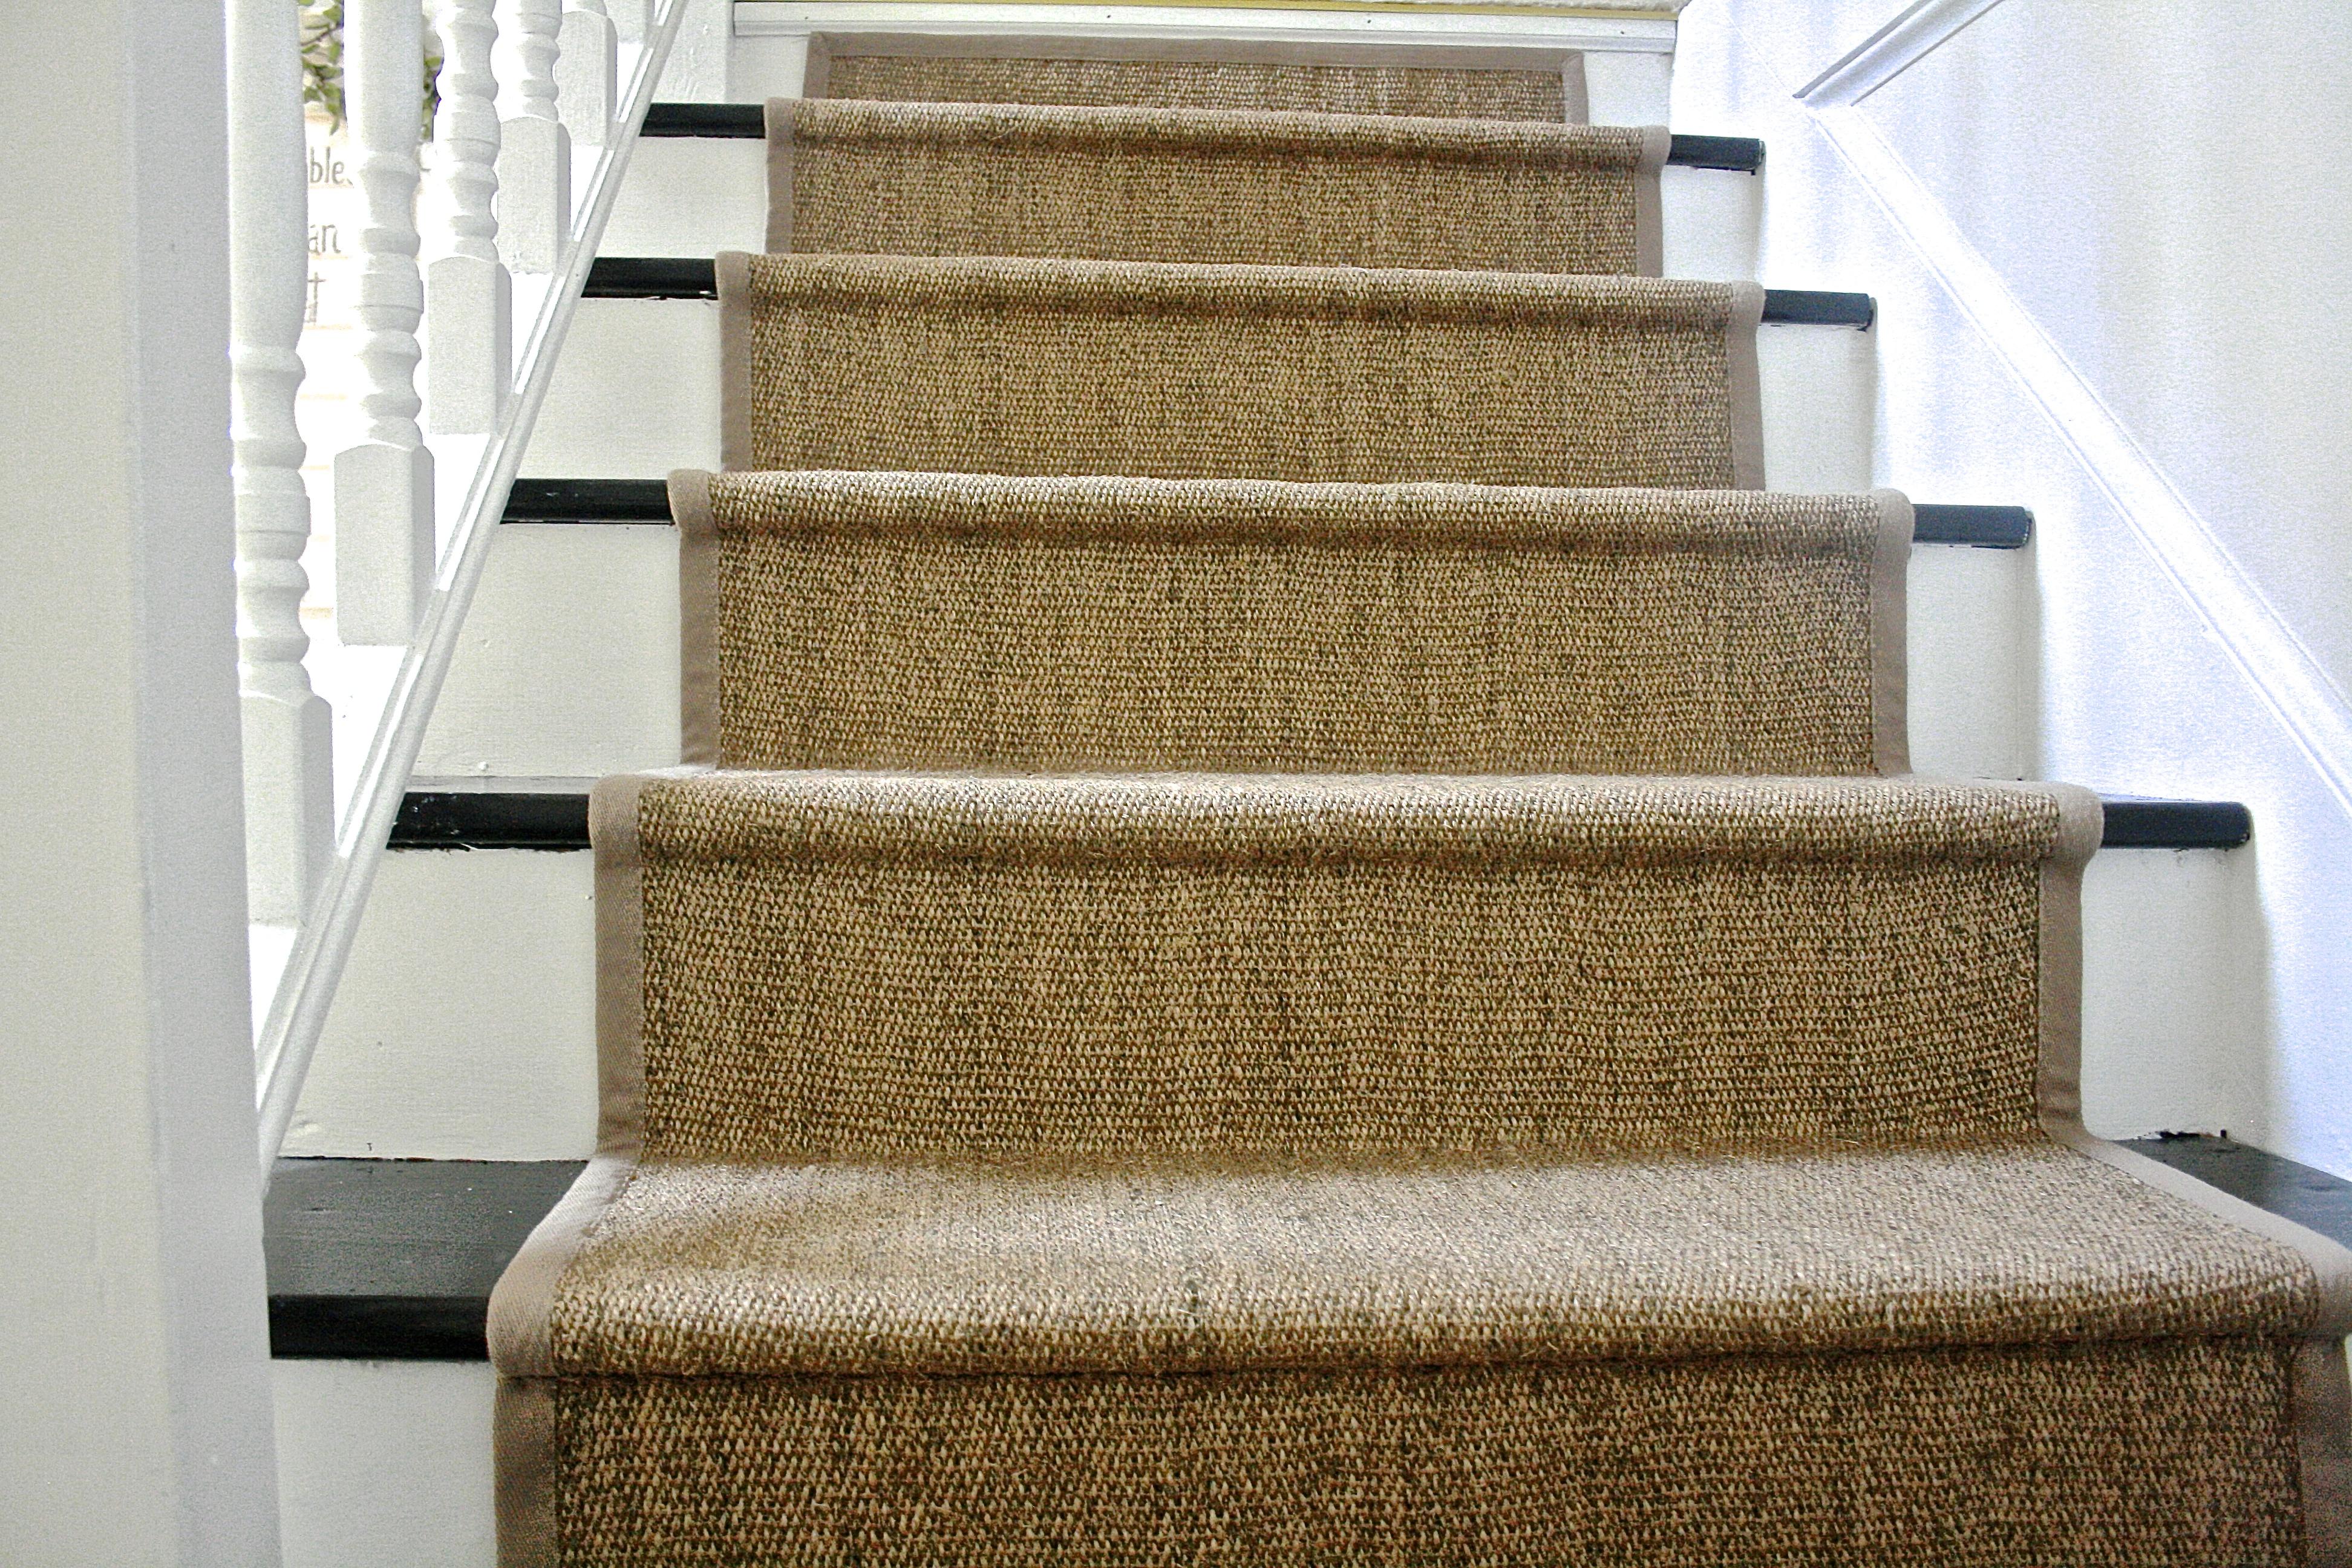 Diy Ikea Jute Rug Stair Runner